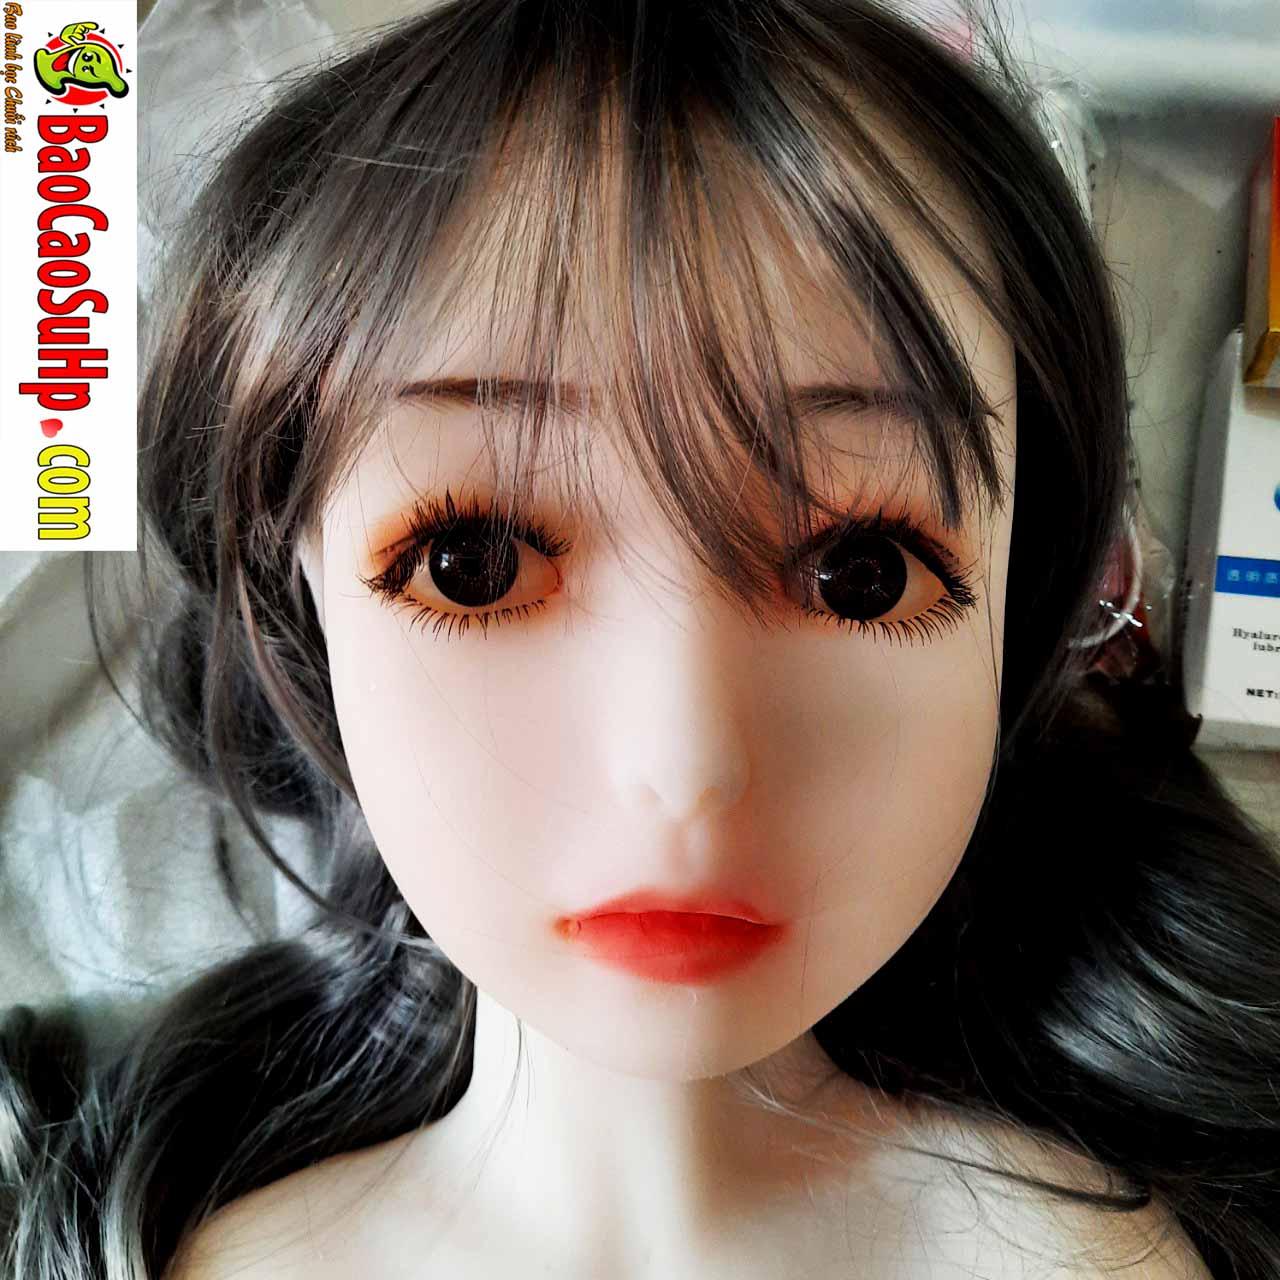 bup be Matsuko mizzzee 3 - Búp bê tình dục toàn thân Matsuko mizzzee ngực khủng